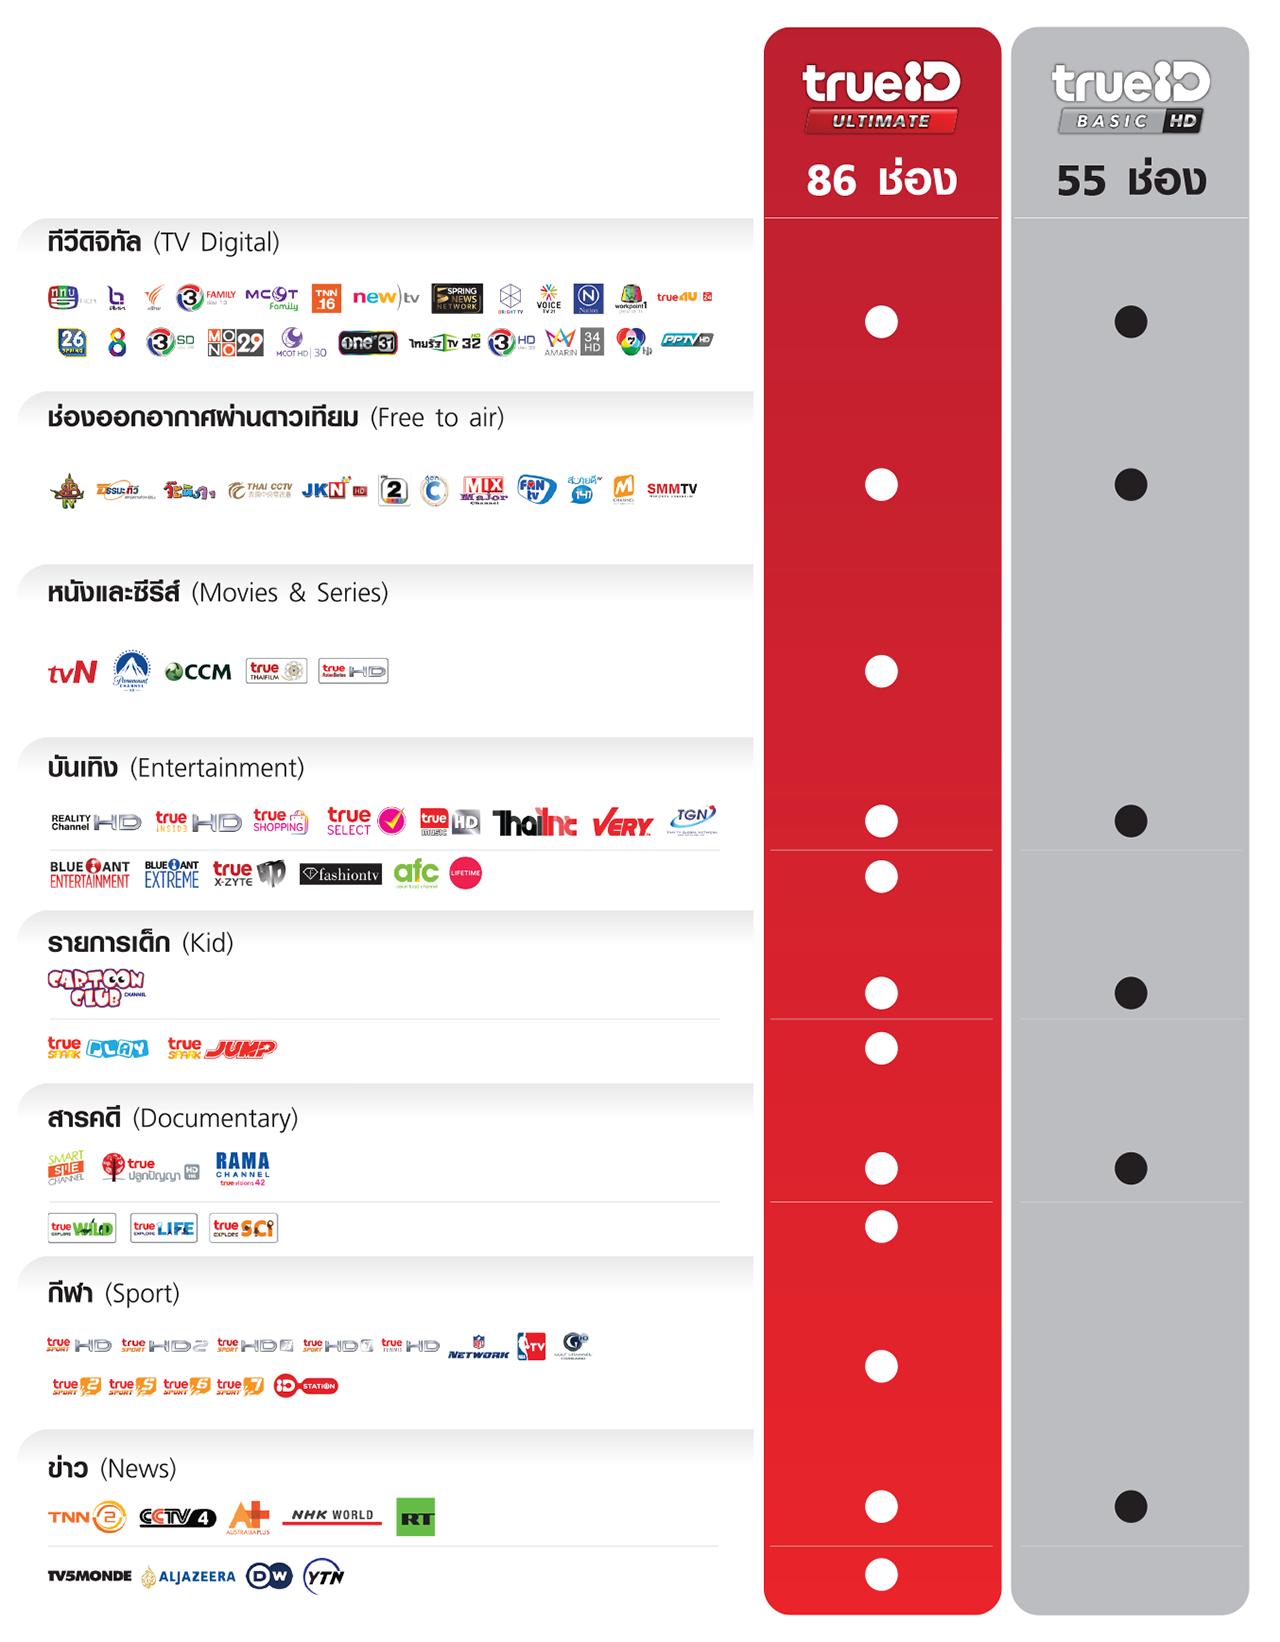 พิเศษ สำหรับลูกค้าทรู รับสิทธิ์ชม TrueID Unlimited HD Package ฟรี! นาน 12 เดือน มูลค่าแพ็กเกจปกติเดือนละ 499 บาท